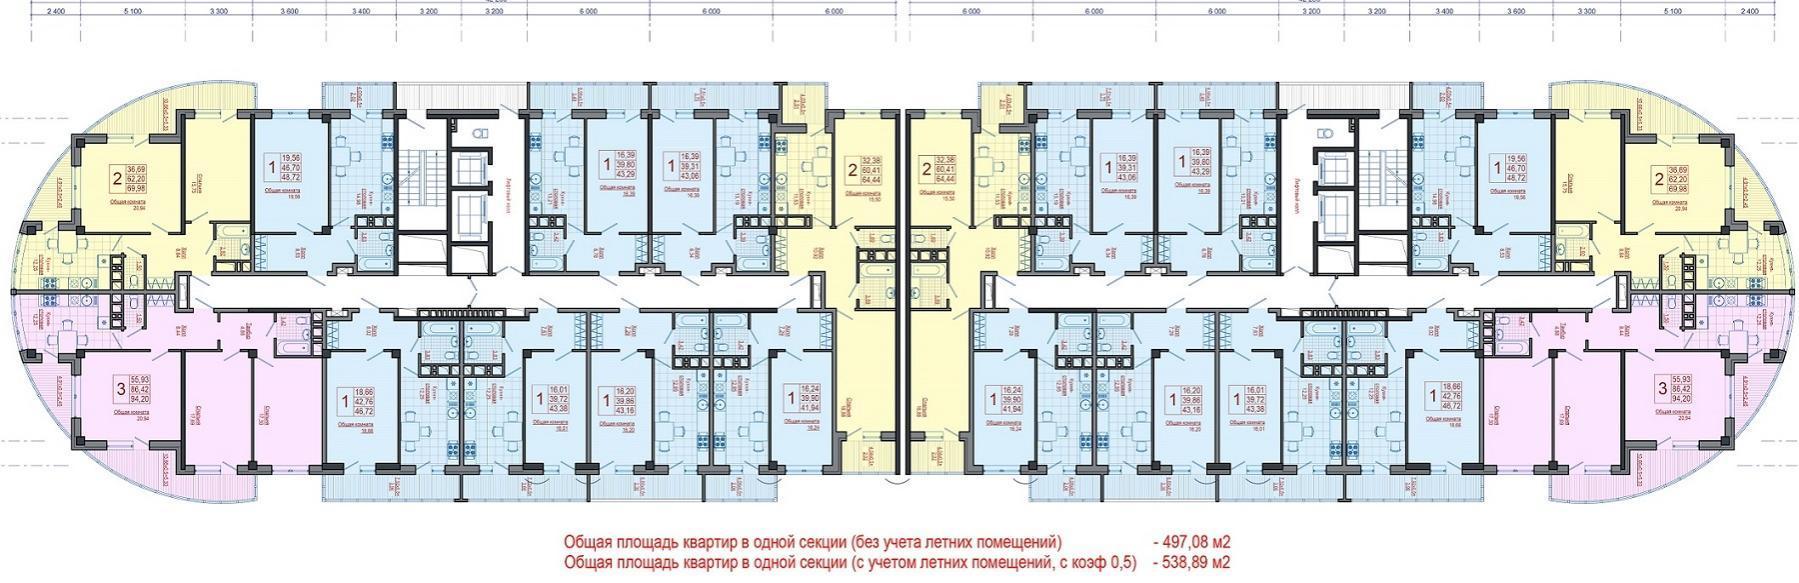 Планировки ЖК Элегант, литер 1 Краснодар | план - 1